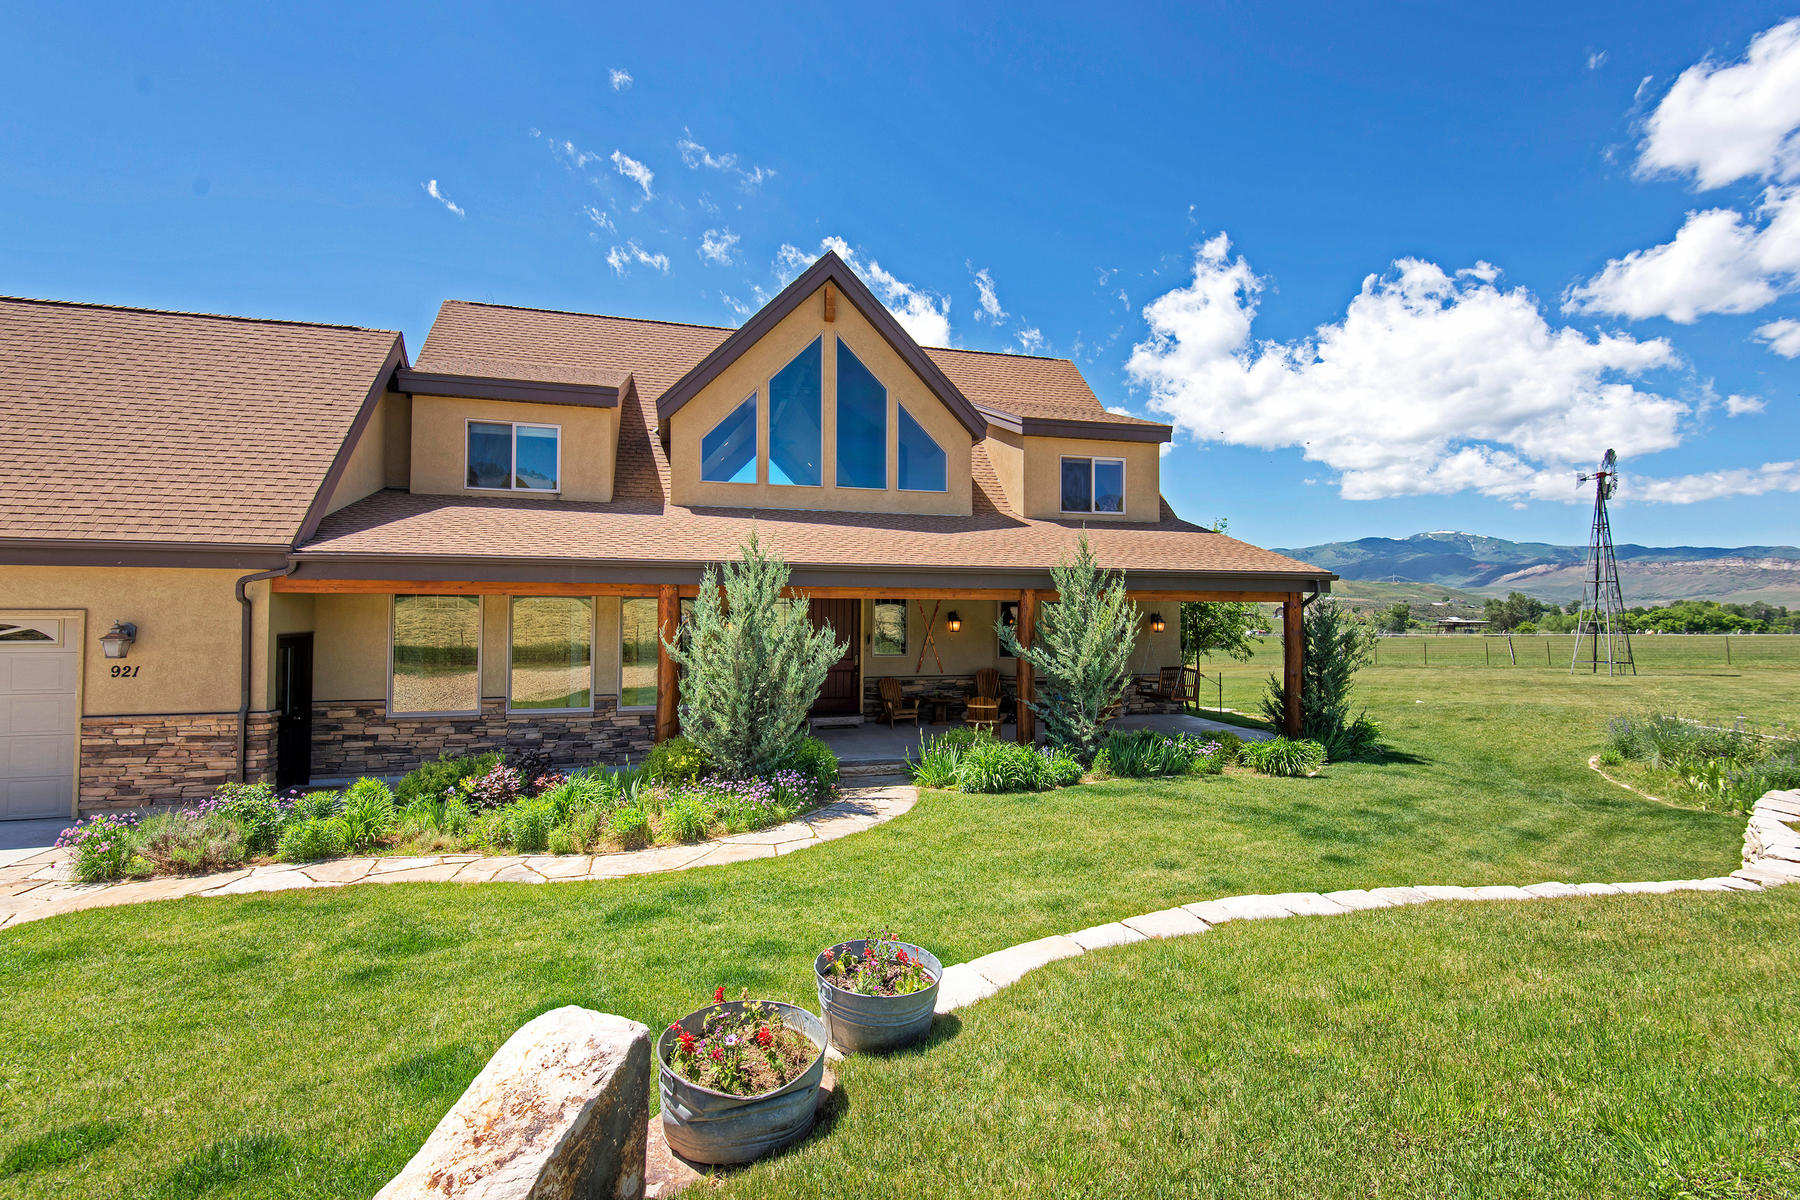 Casa Unifamiliar por un Venta en Sacred Ranch Retreat with Private Creek Access 921 E Border Station Rd Coalville, Utah 84017 Estados Unidos